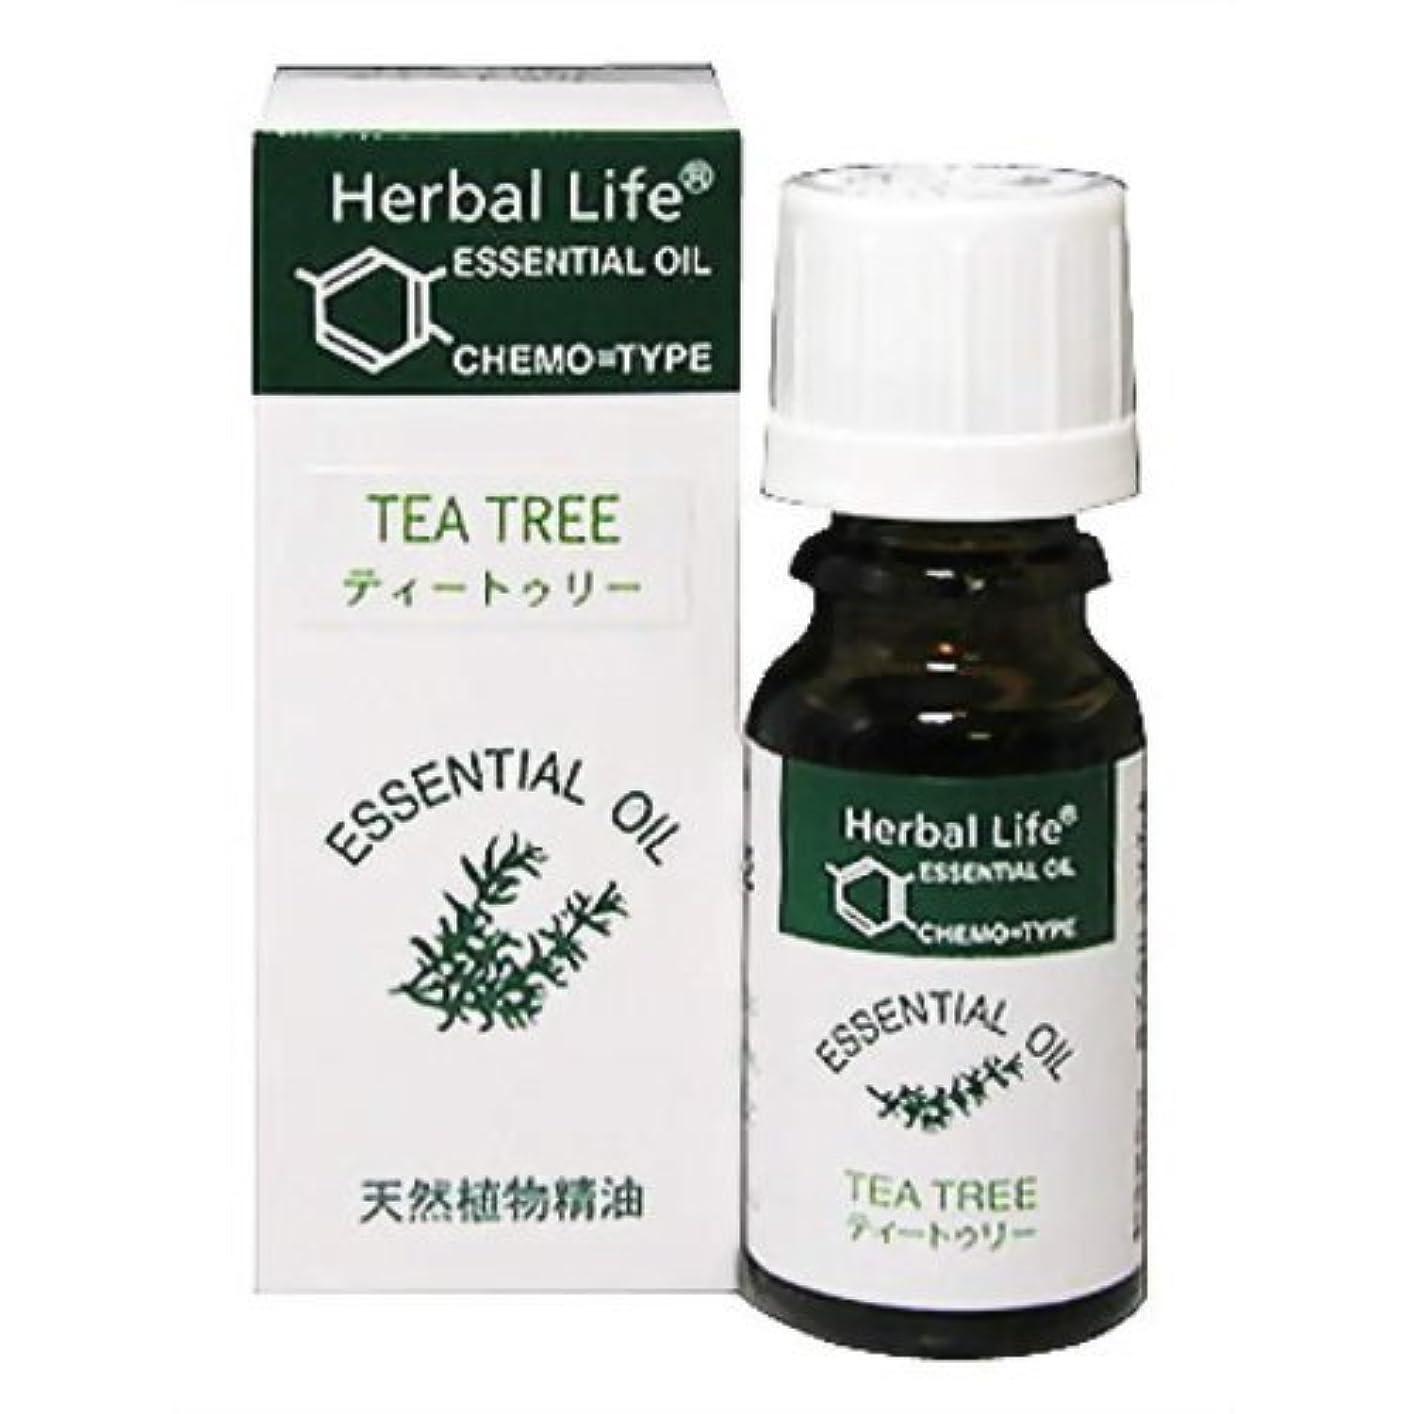 休眠保存噴水Herbal Life ティートゥリー 10ml